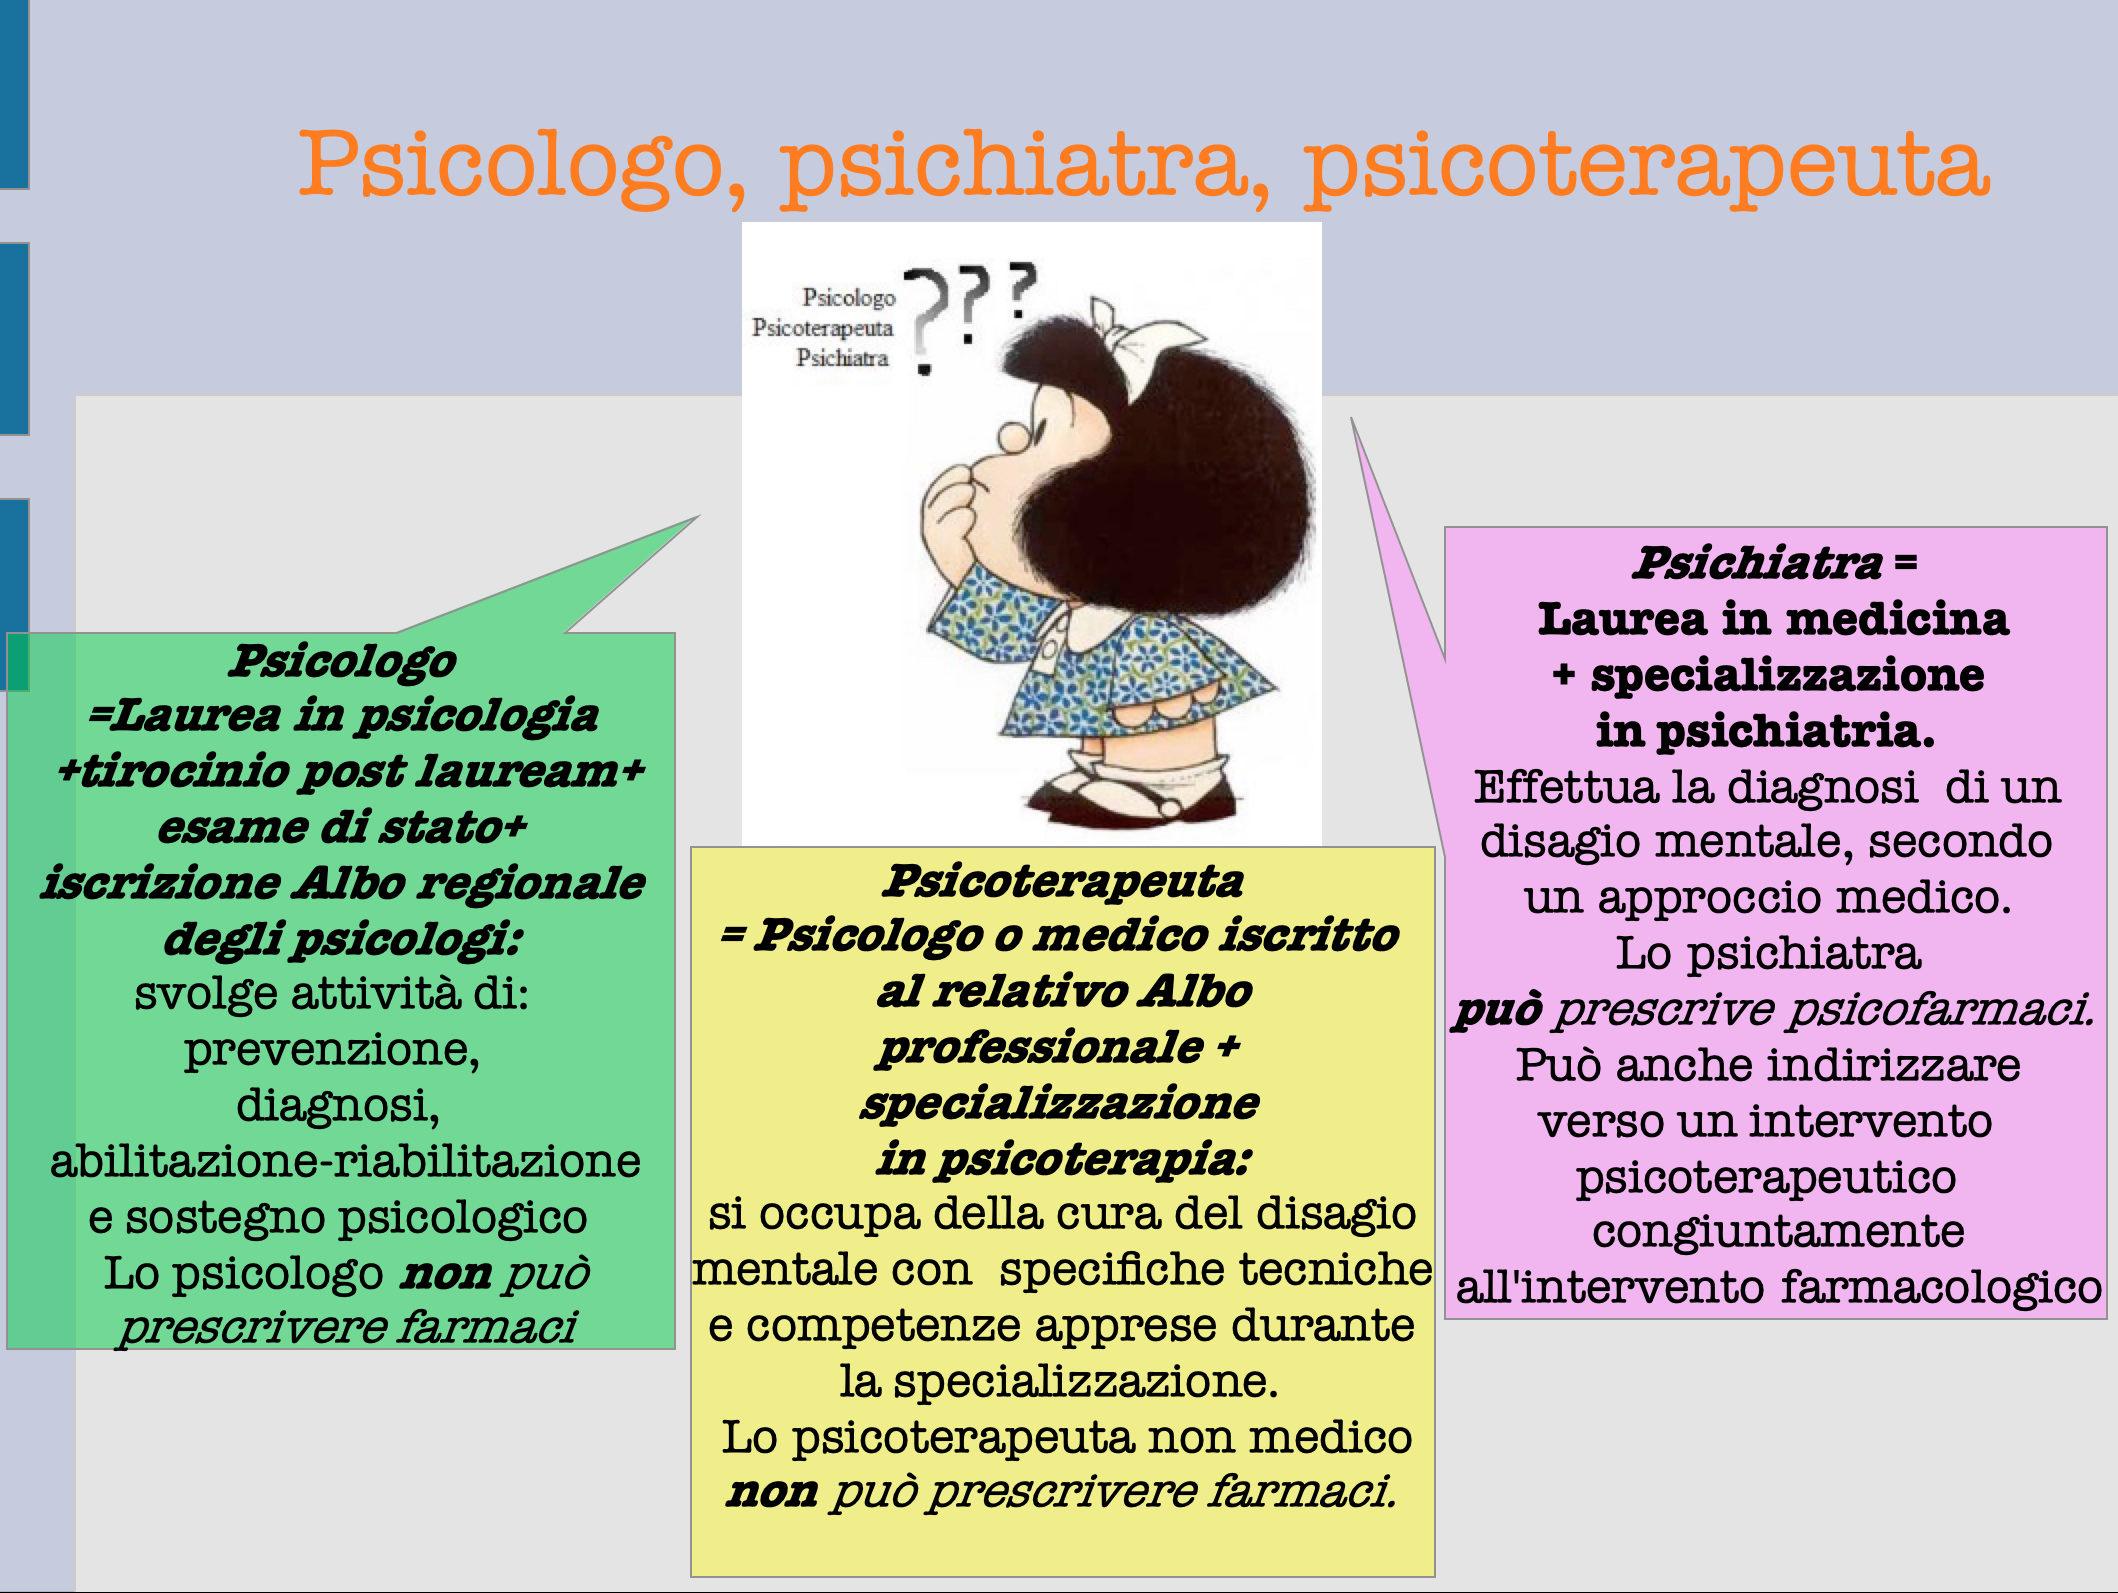 psicoterapeuta prescrive farmaci